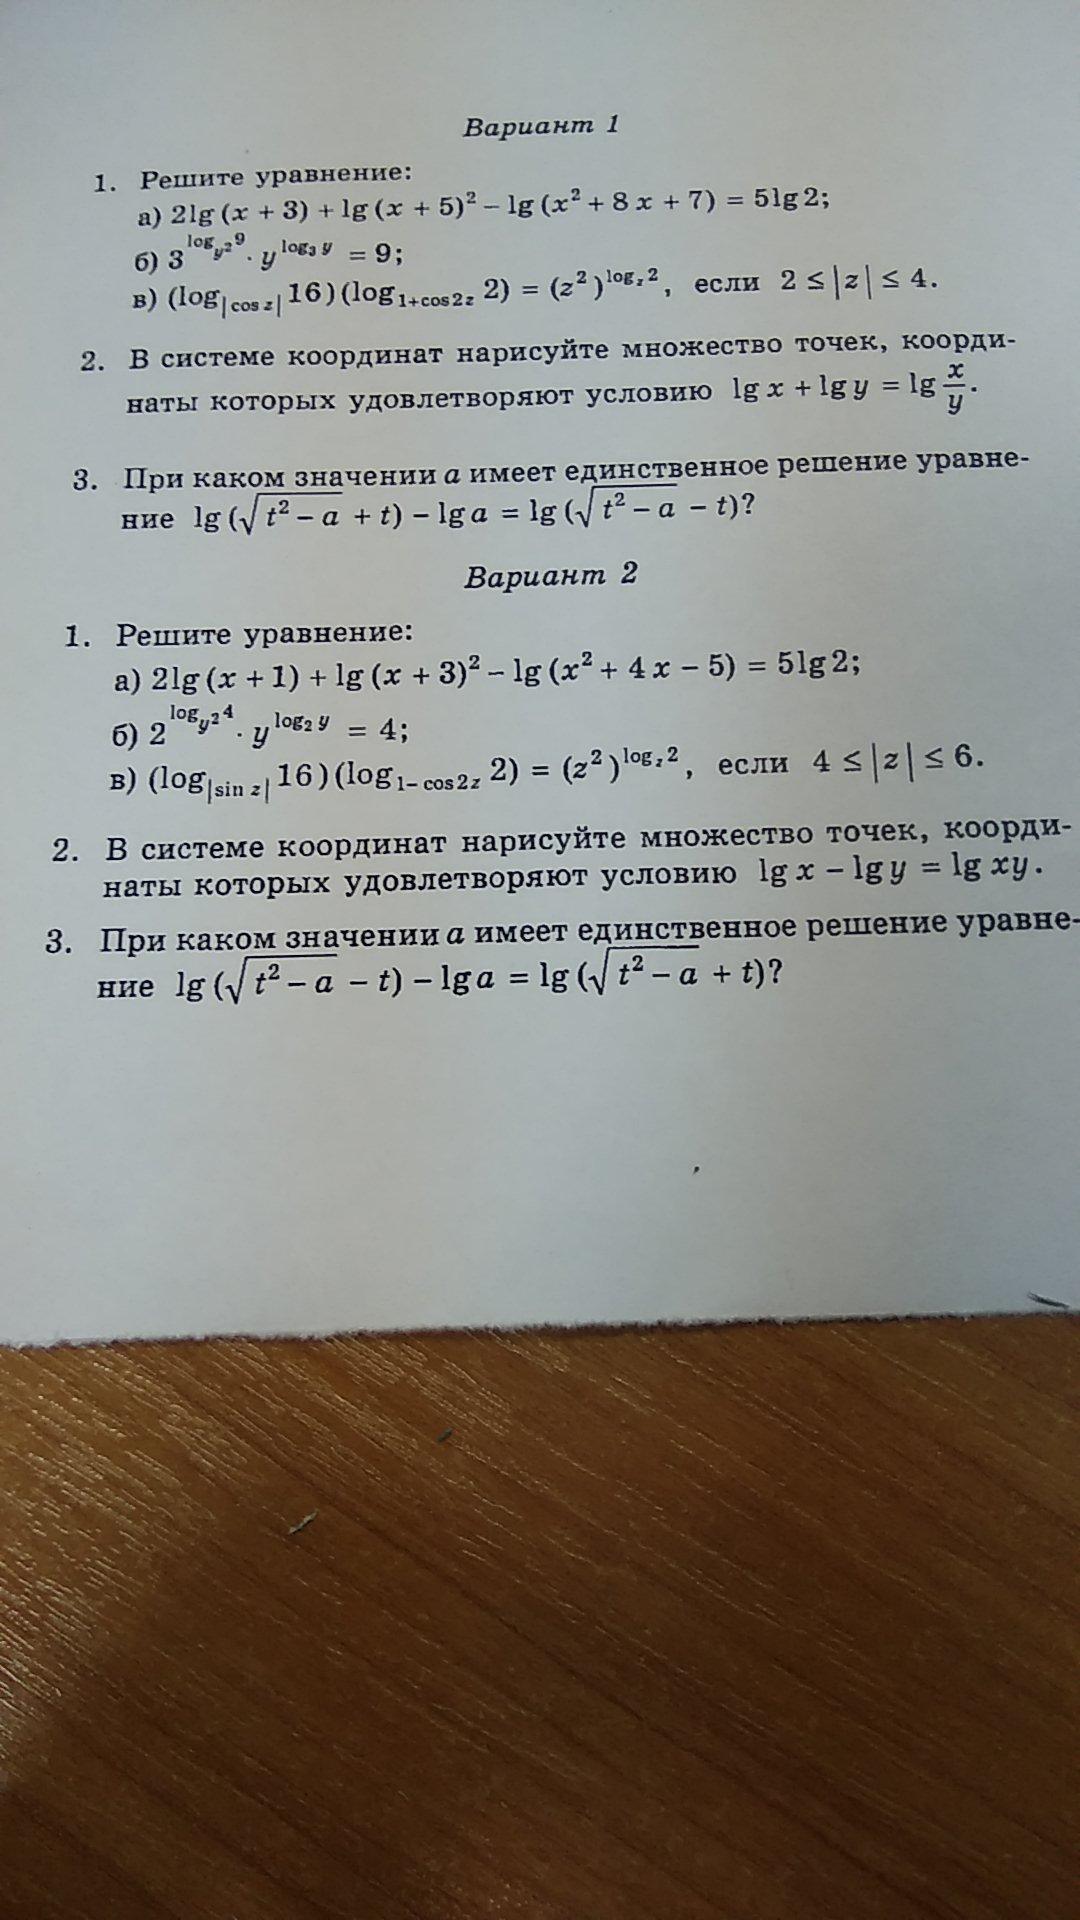 Алгебра 11 класс любой номер?